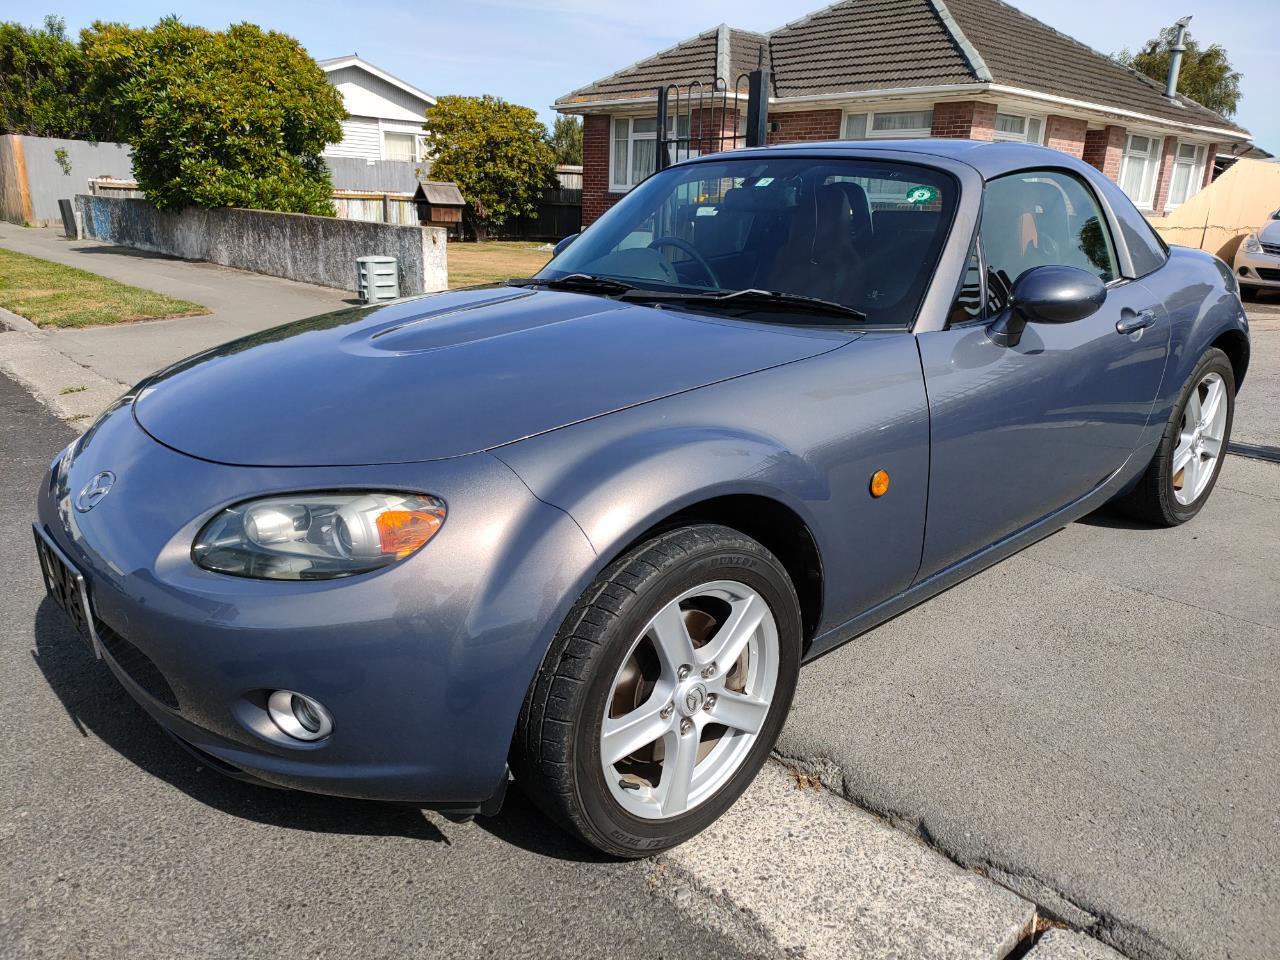 image-0, 2006 Mazda Roadster at Christchurch